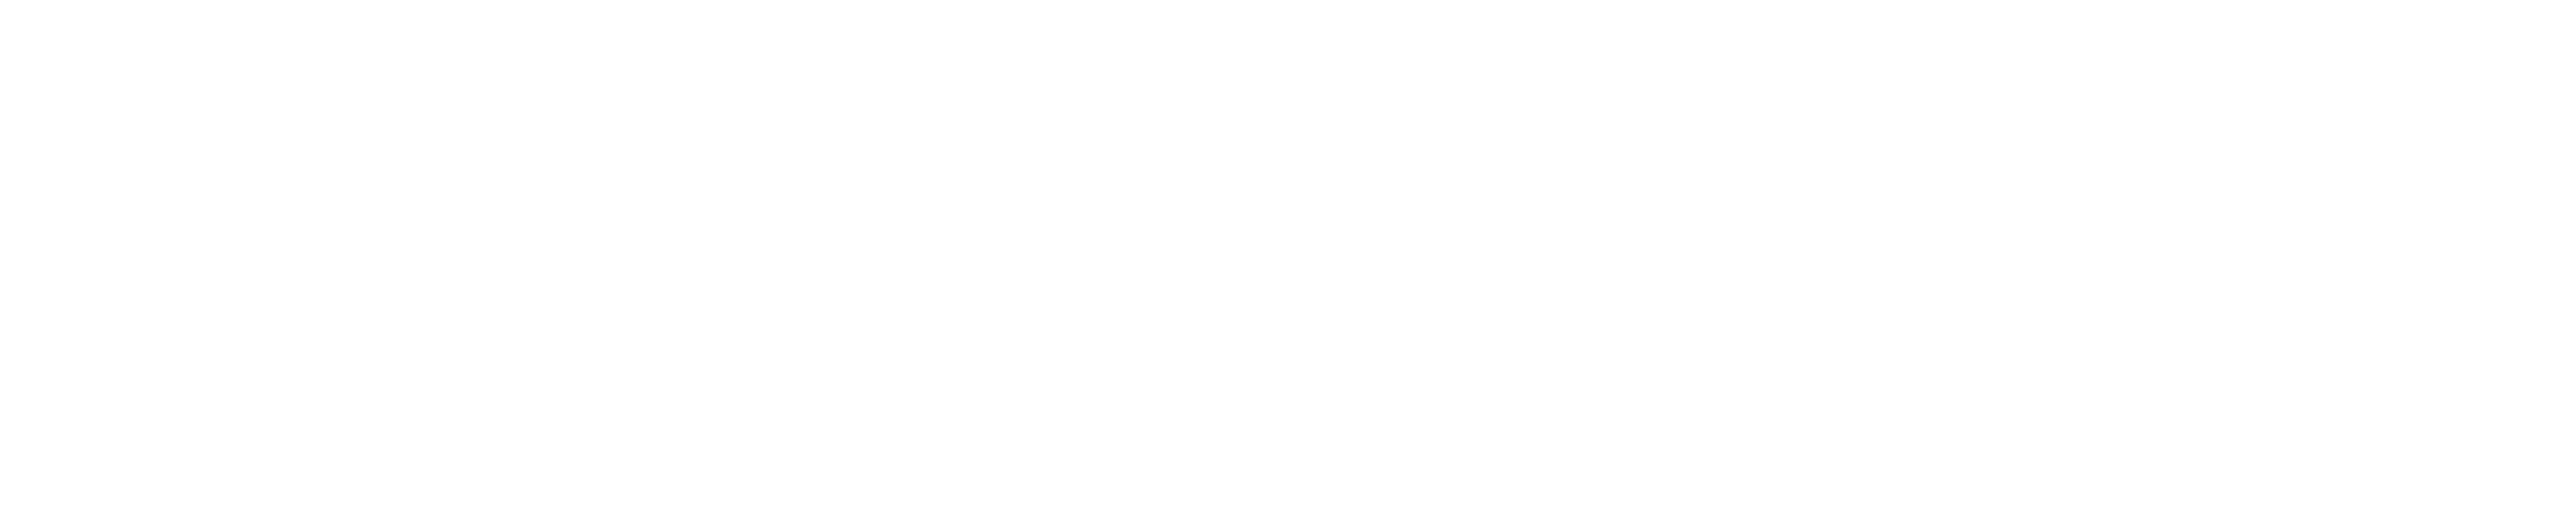 kiratech-logo-white_ok